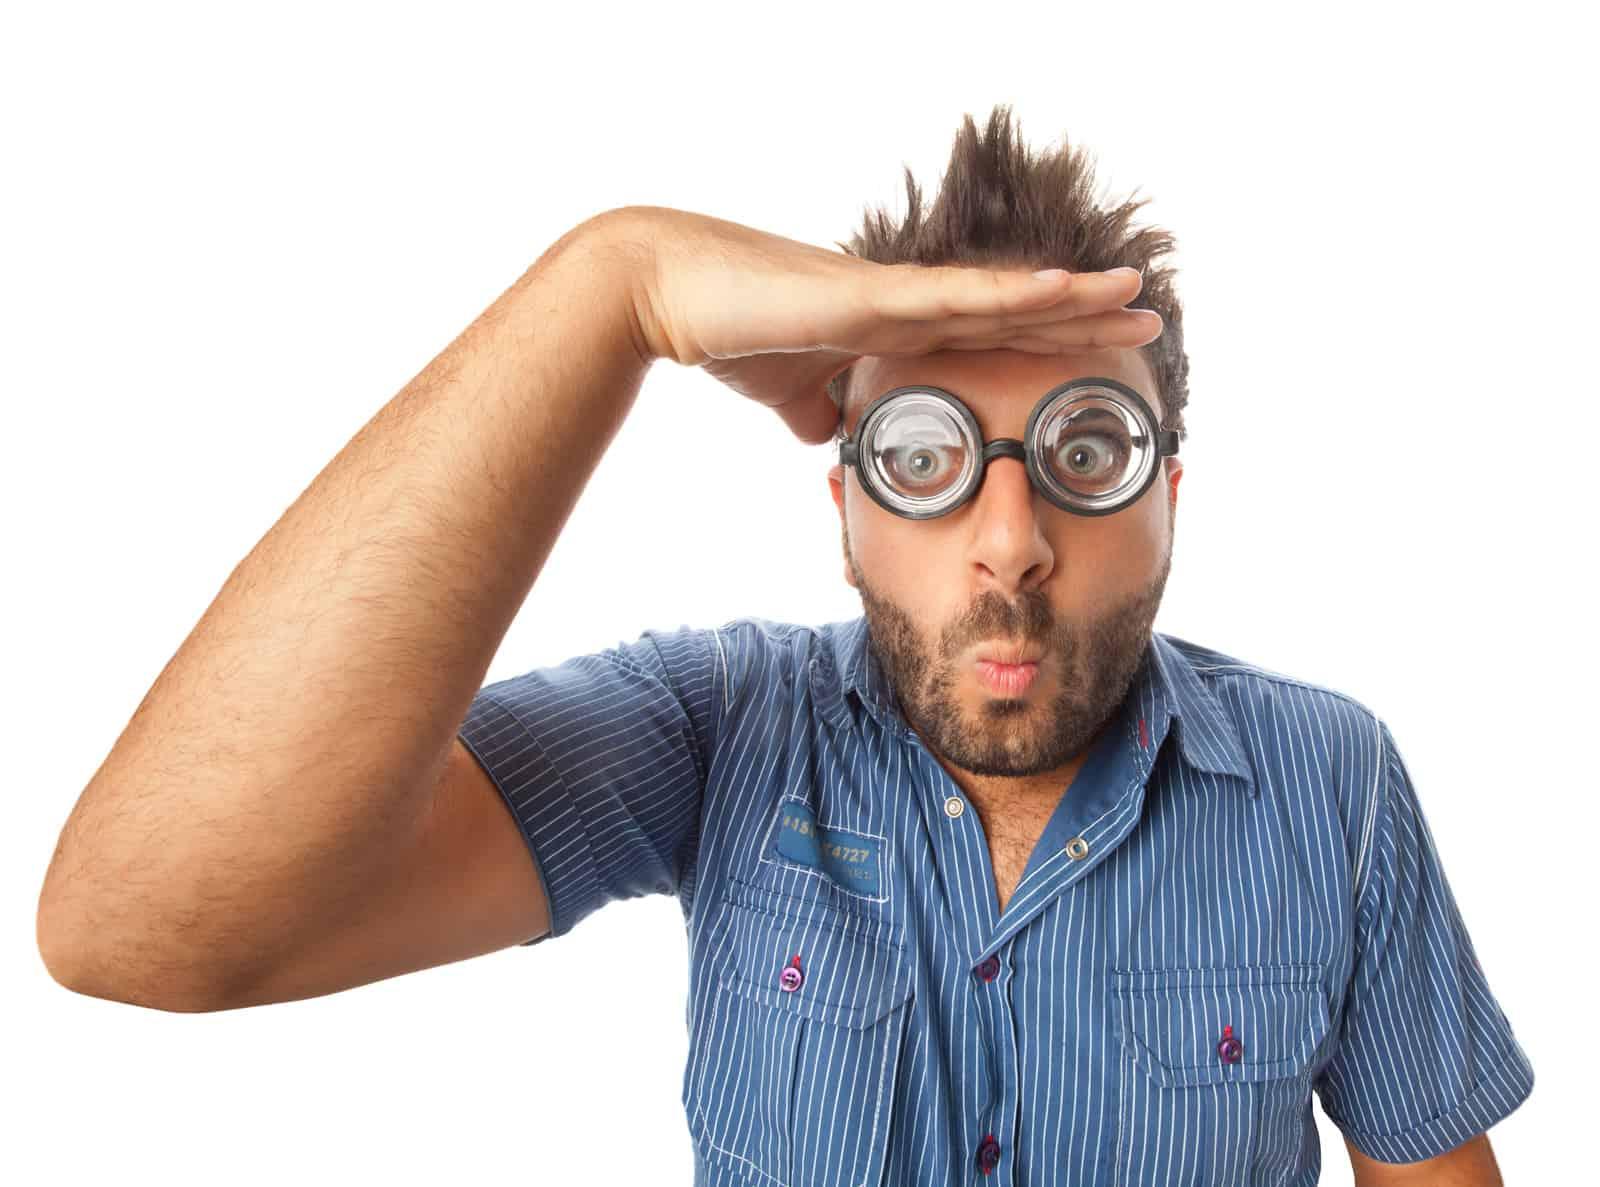 Riester-Rente: Mann sucht das Offensichtliche